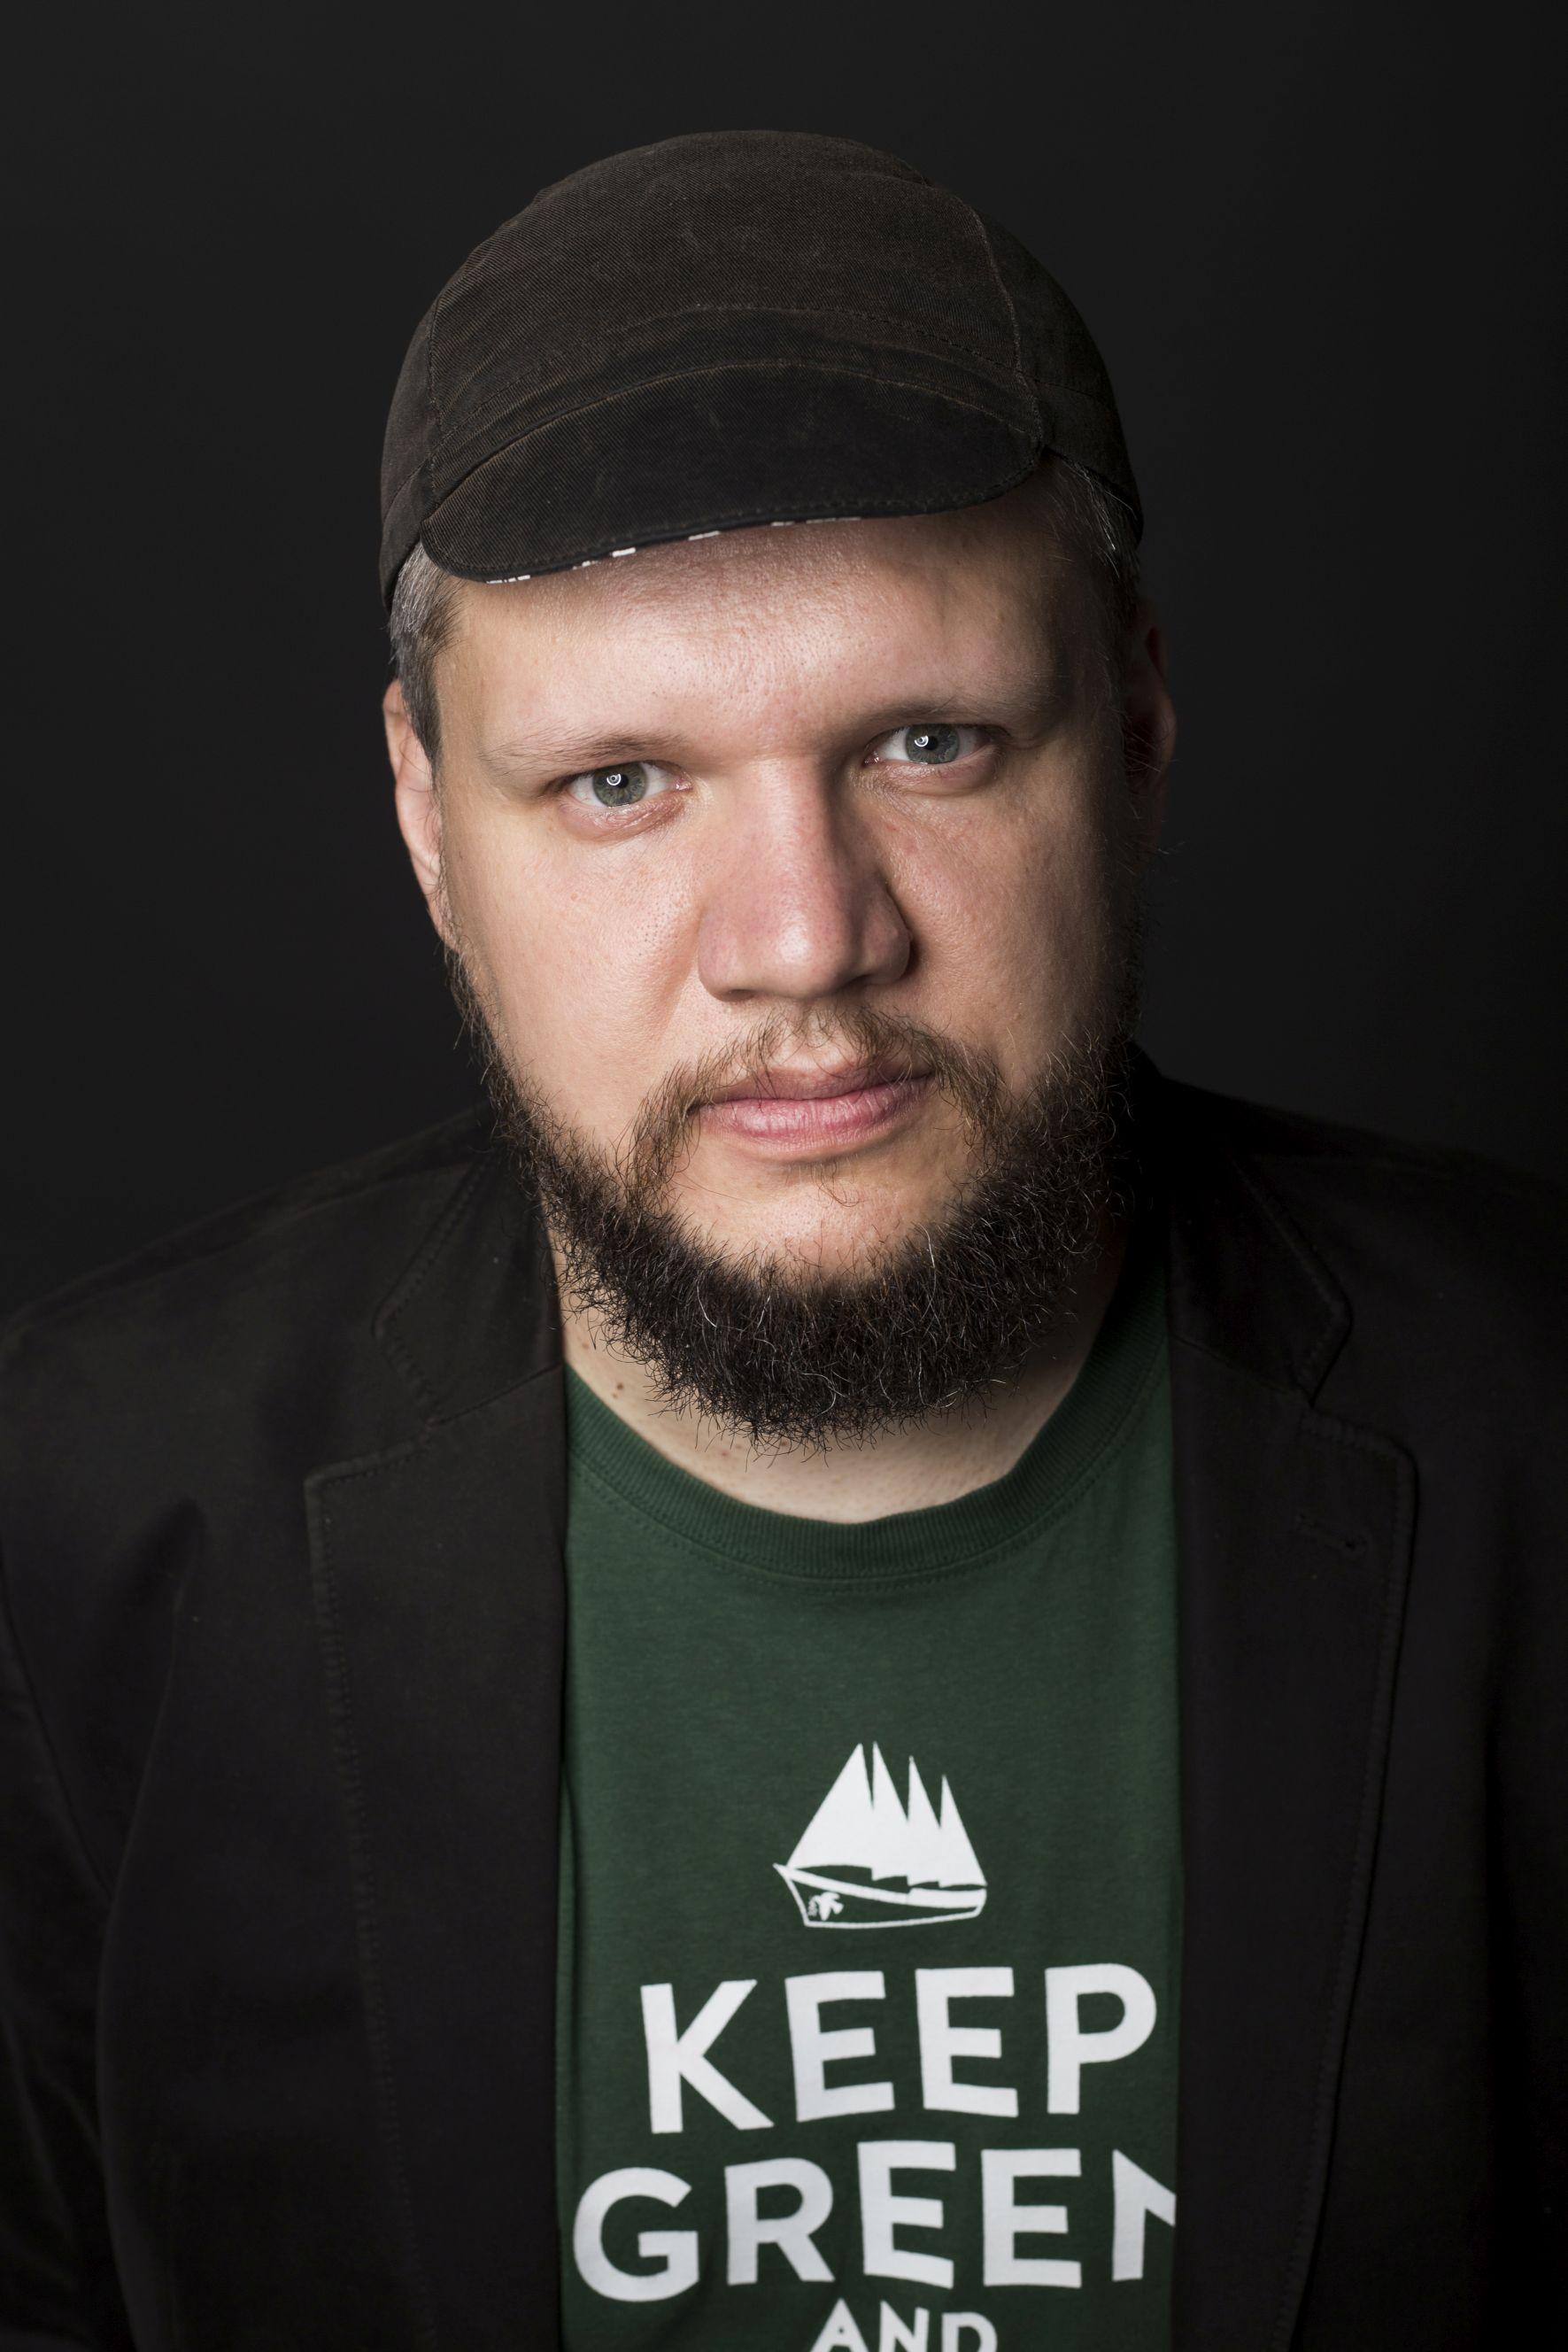 Bohdan Pękacki